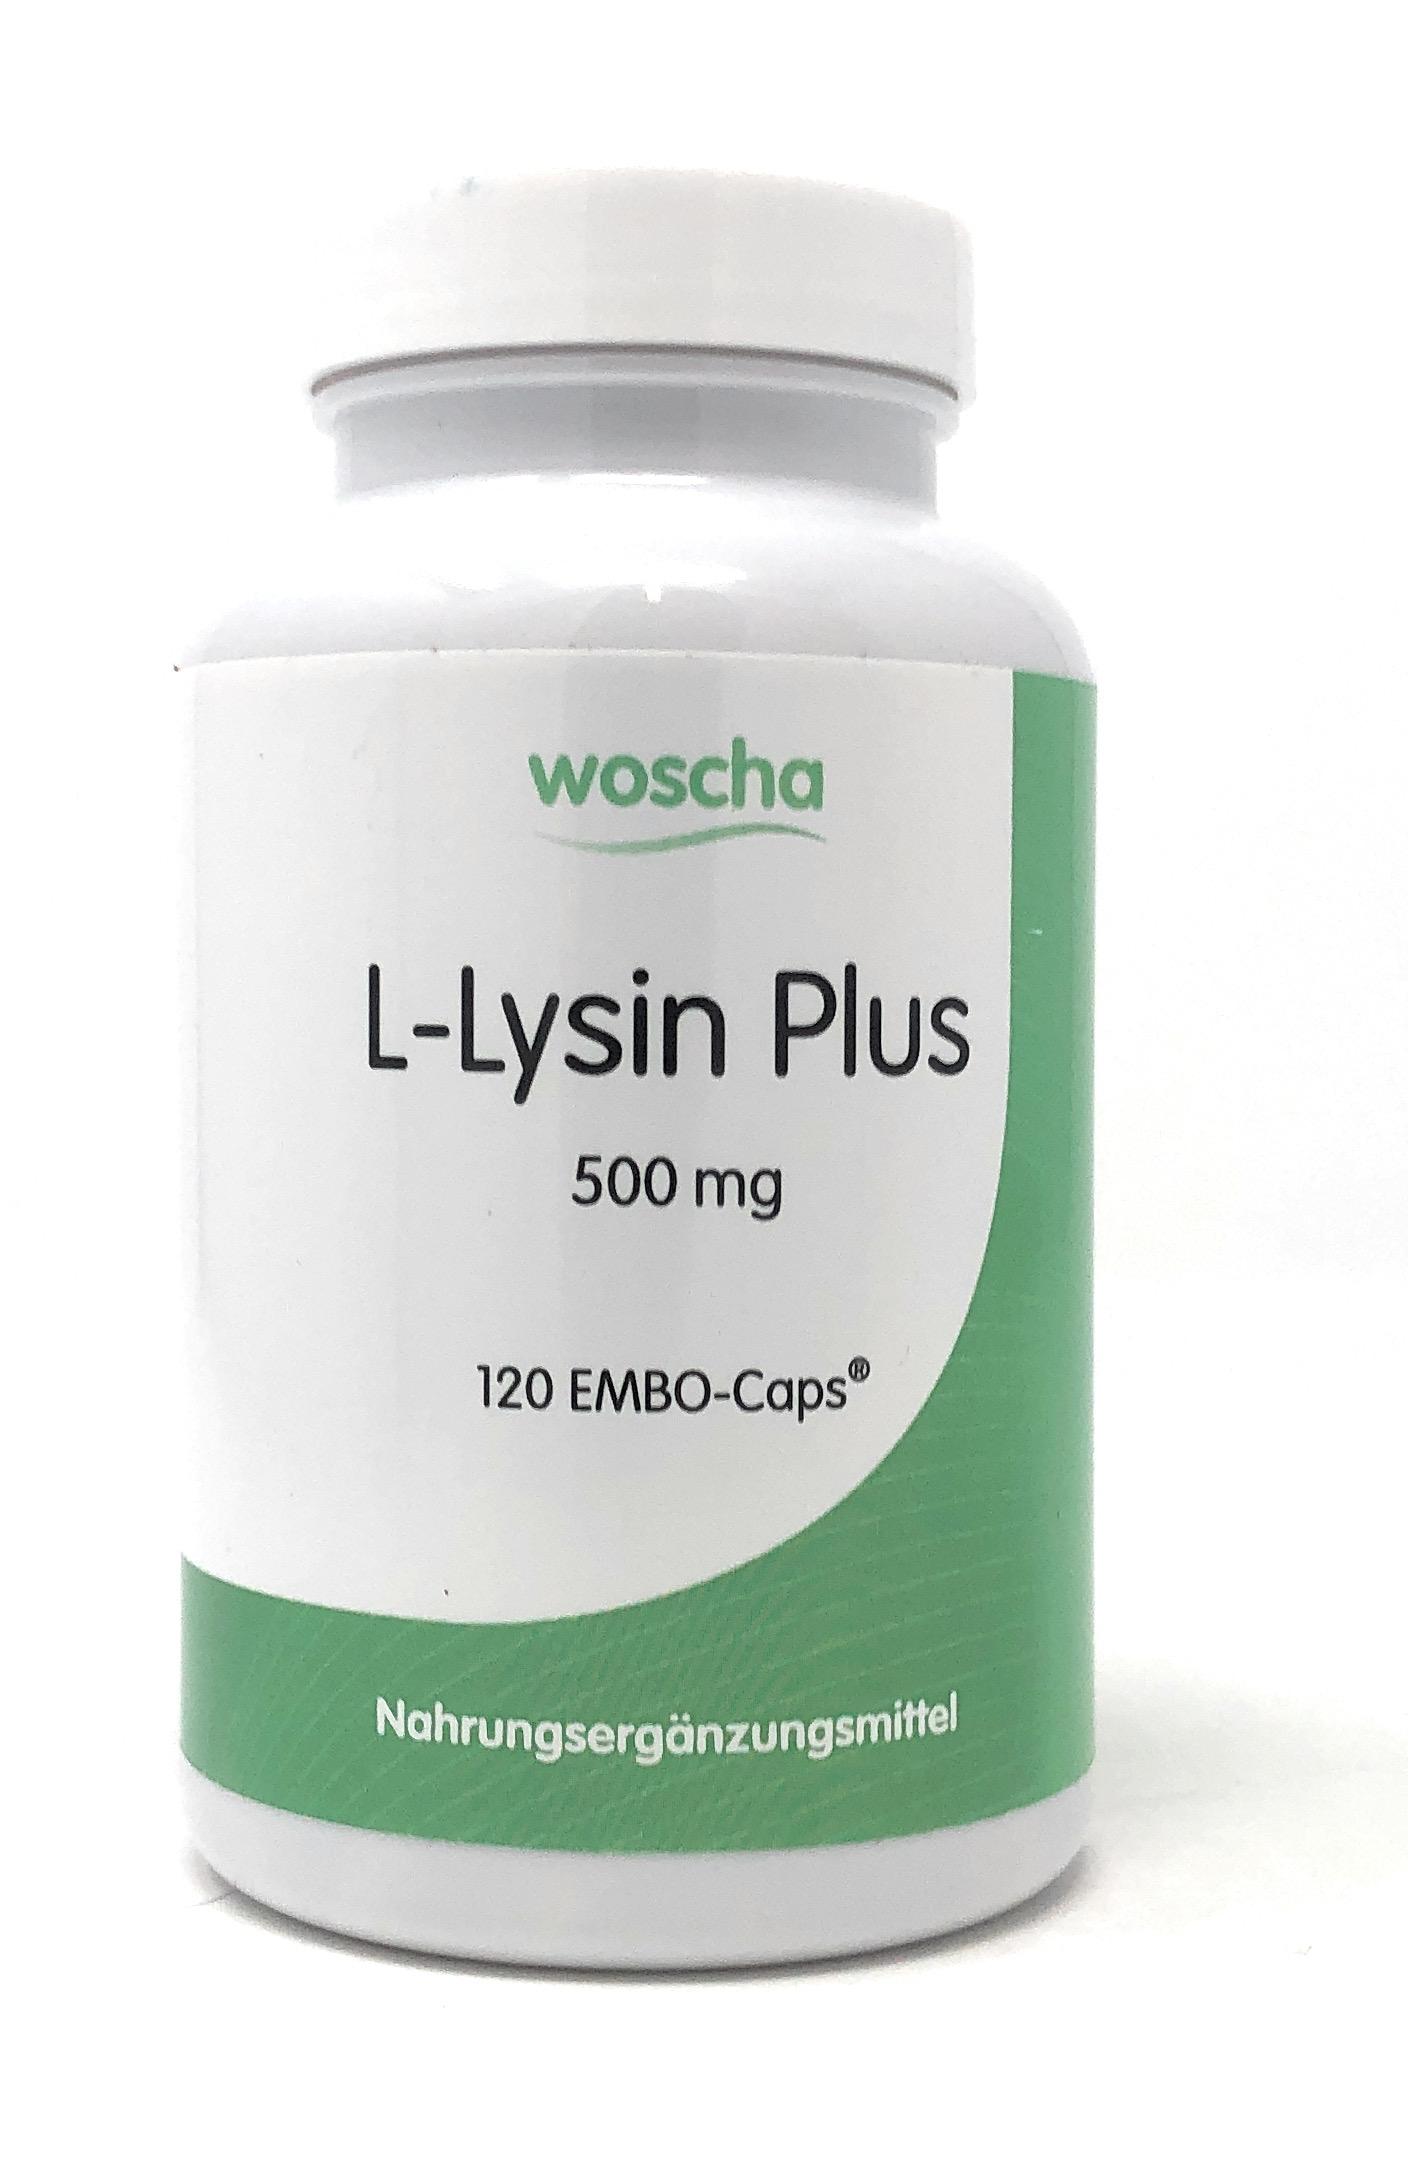 woscha L-Lysin Plus 500mg 120 Embo-Caps (99g) (vegan)